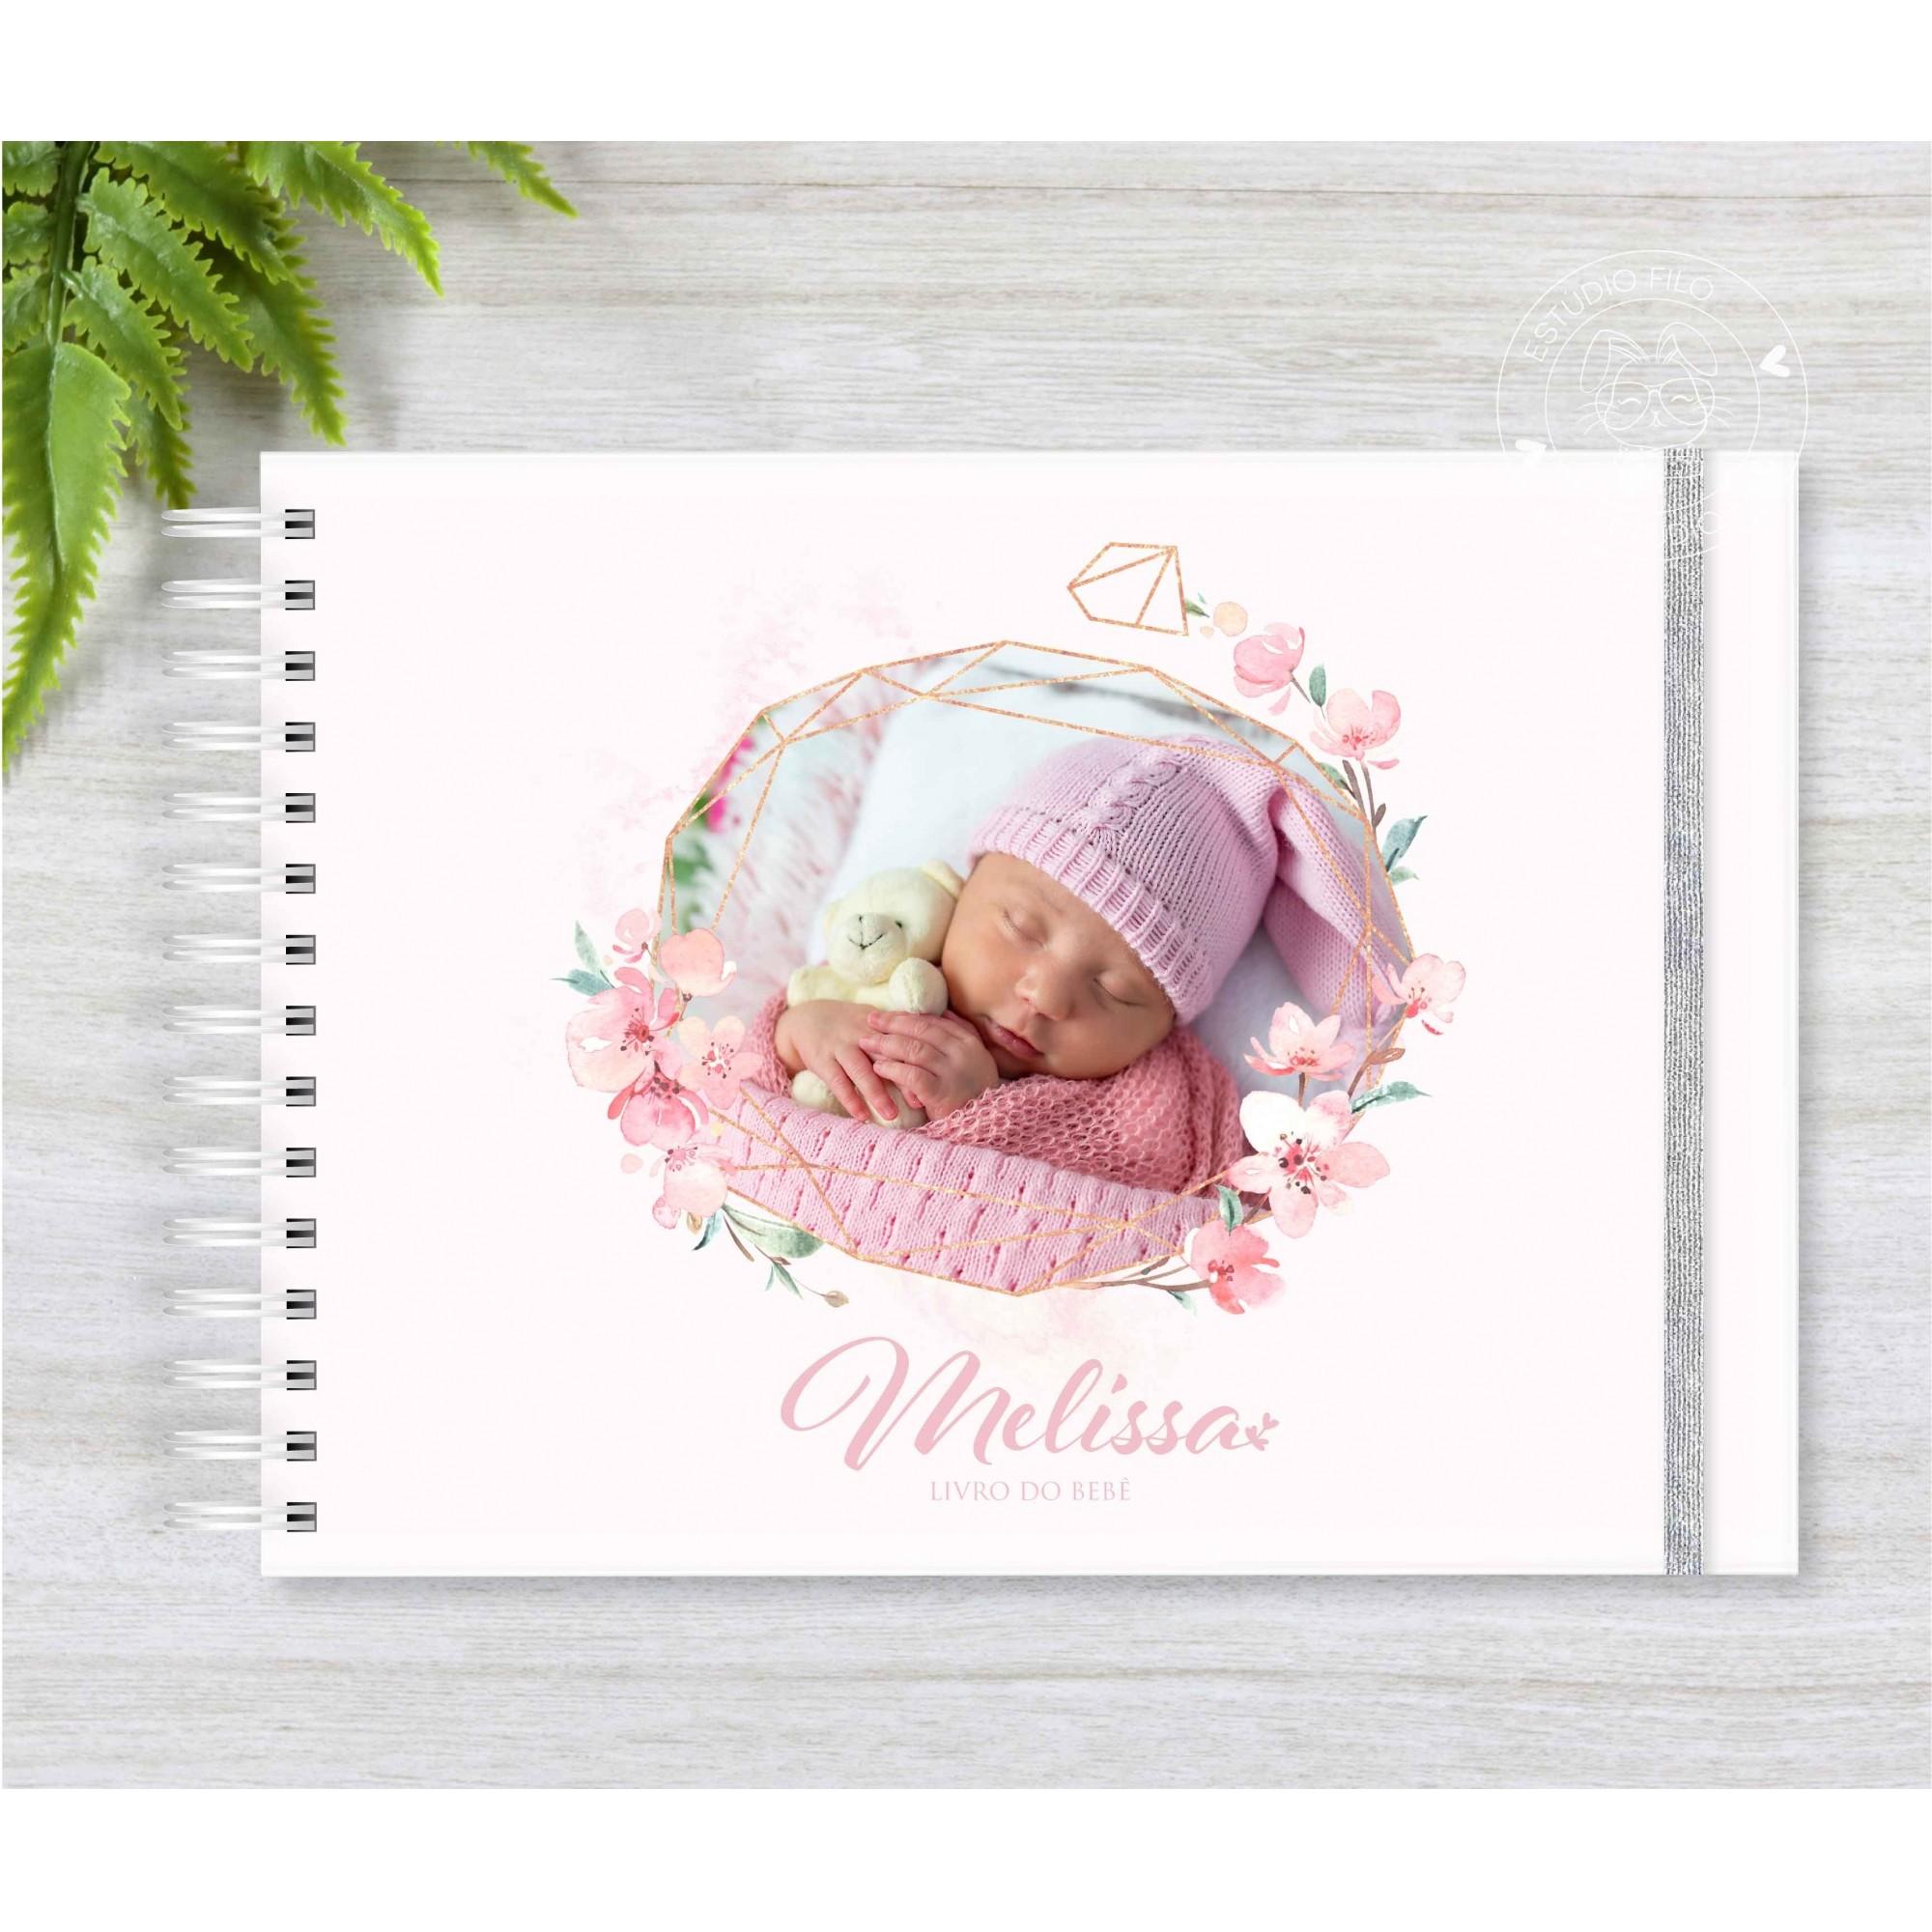 Livro do bebê Foto floral